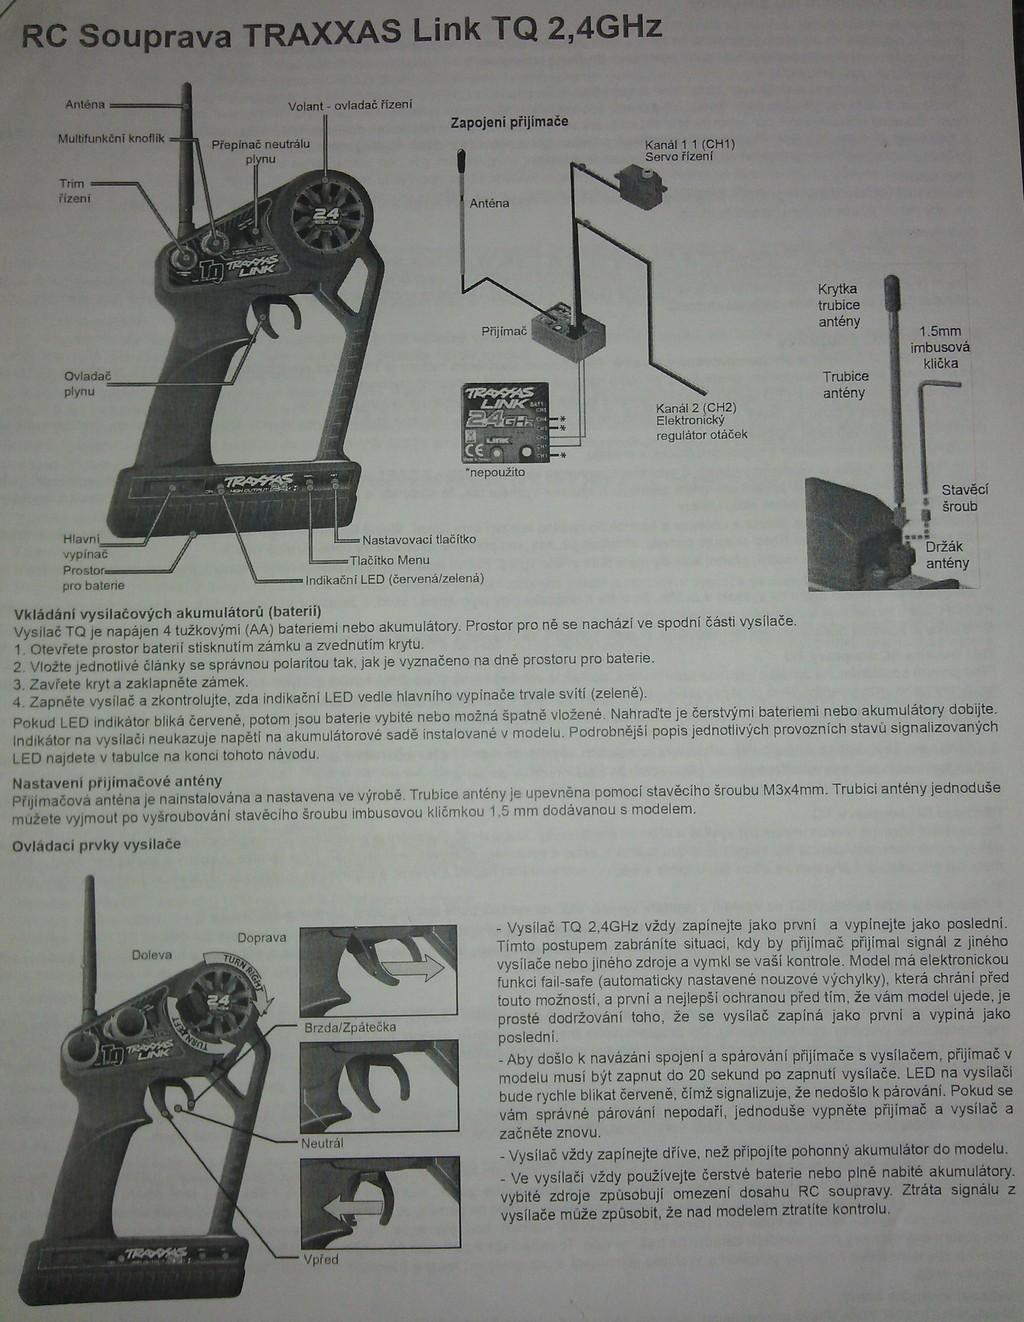 traxxas tq 24 ghz manual